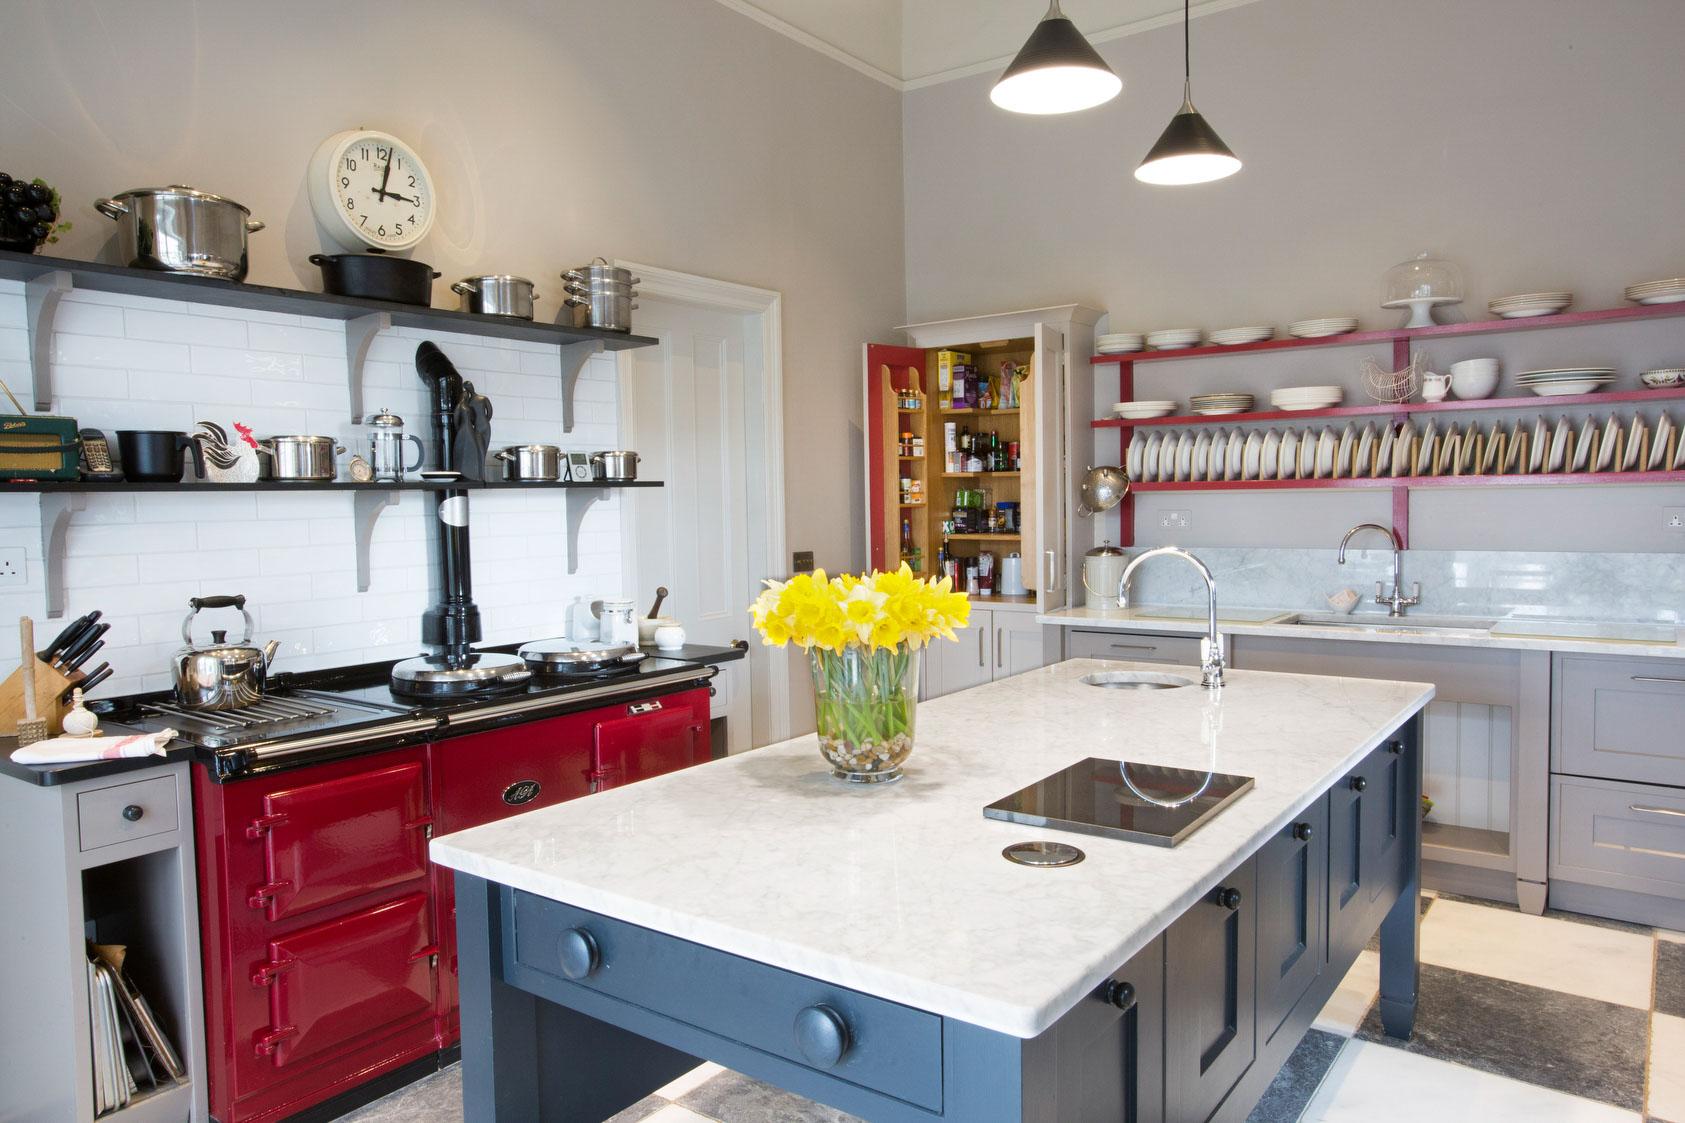 modern kitchen interior 2